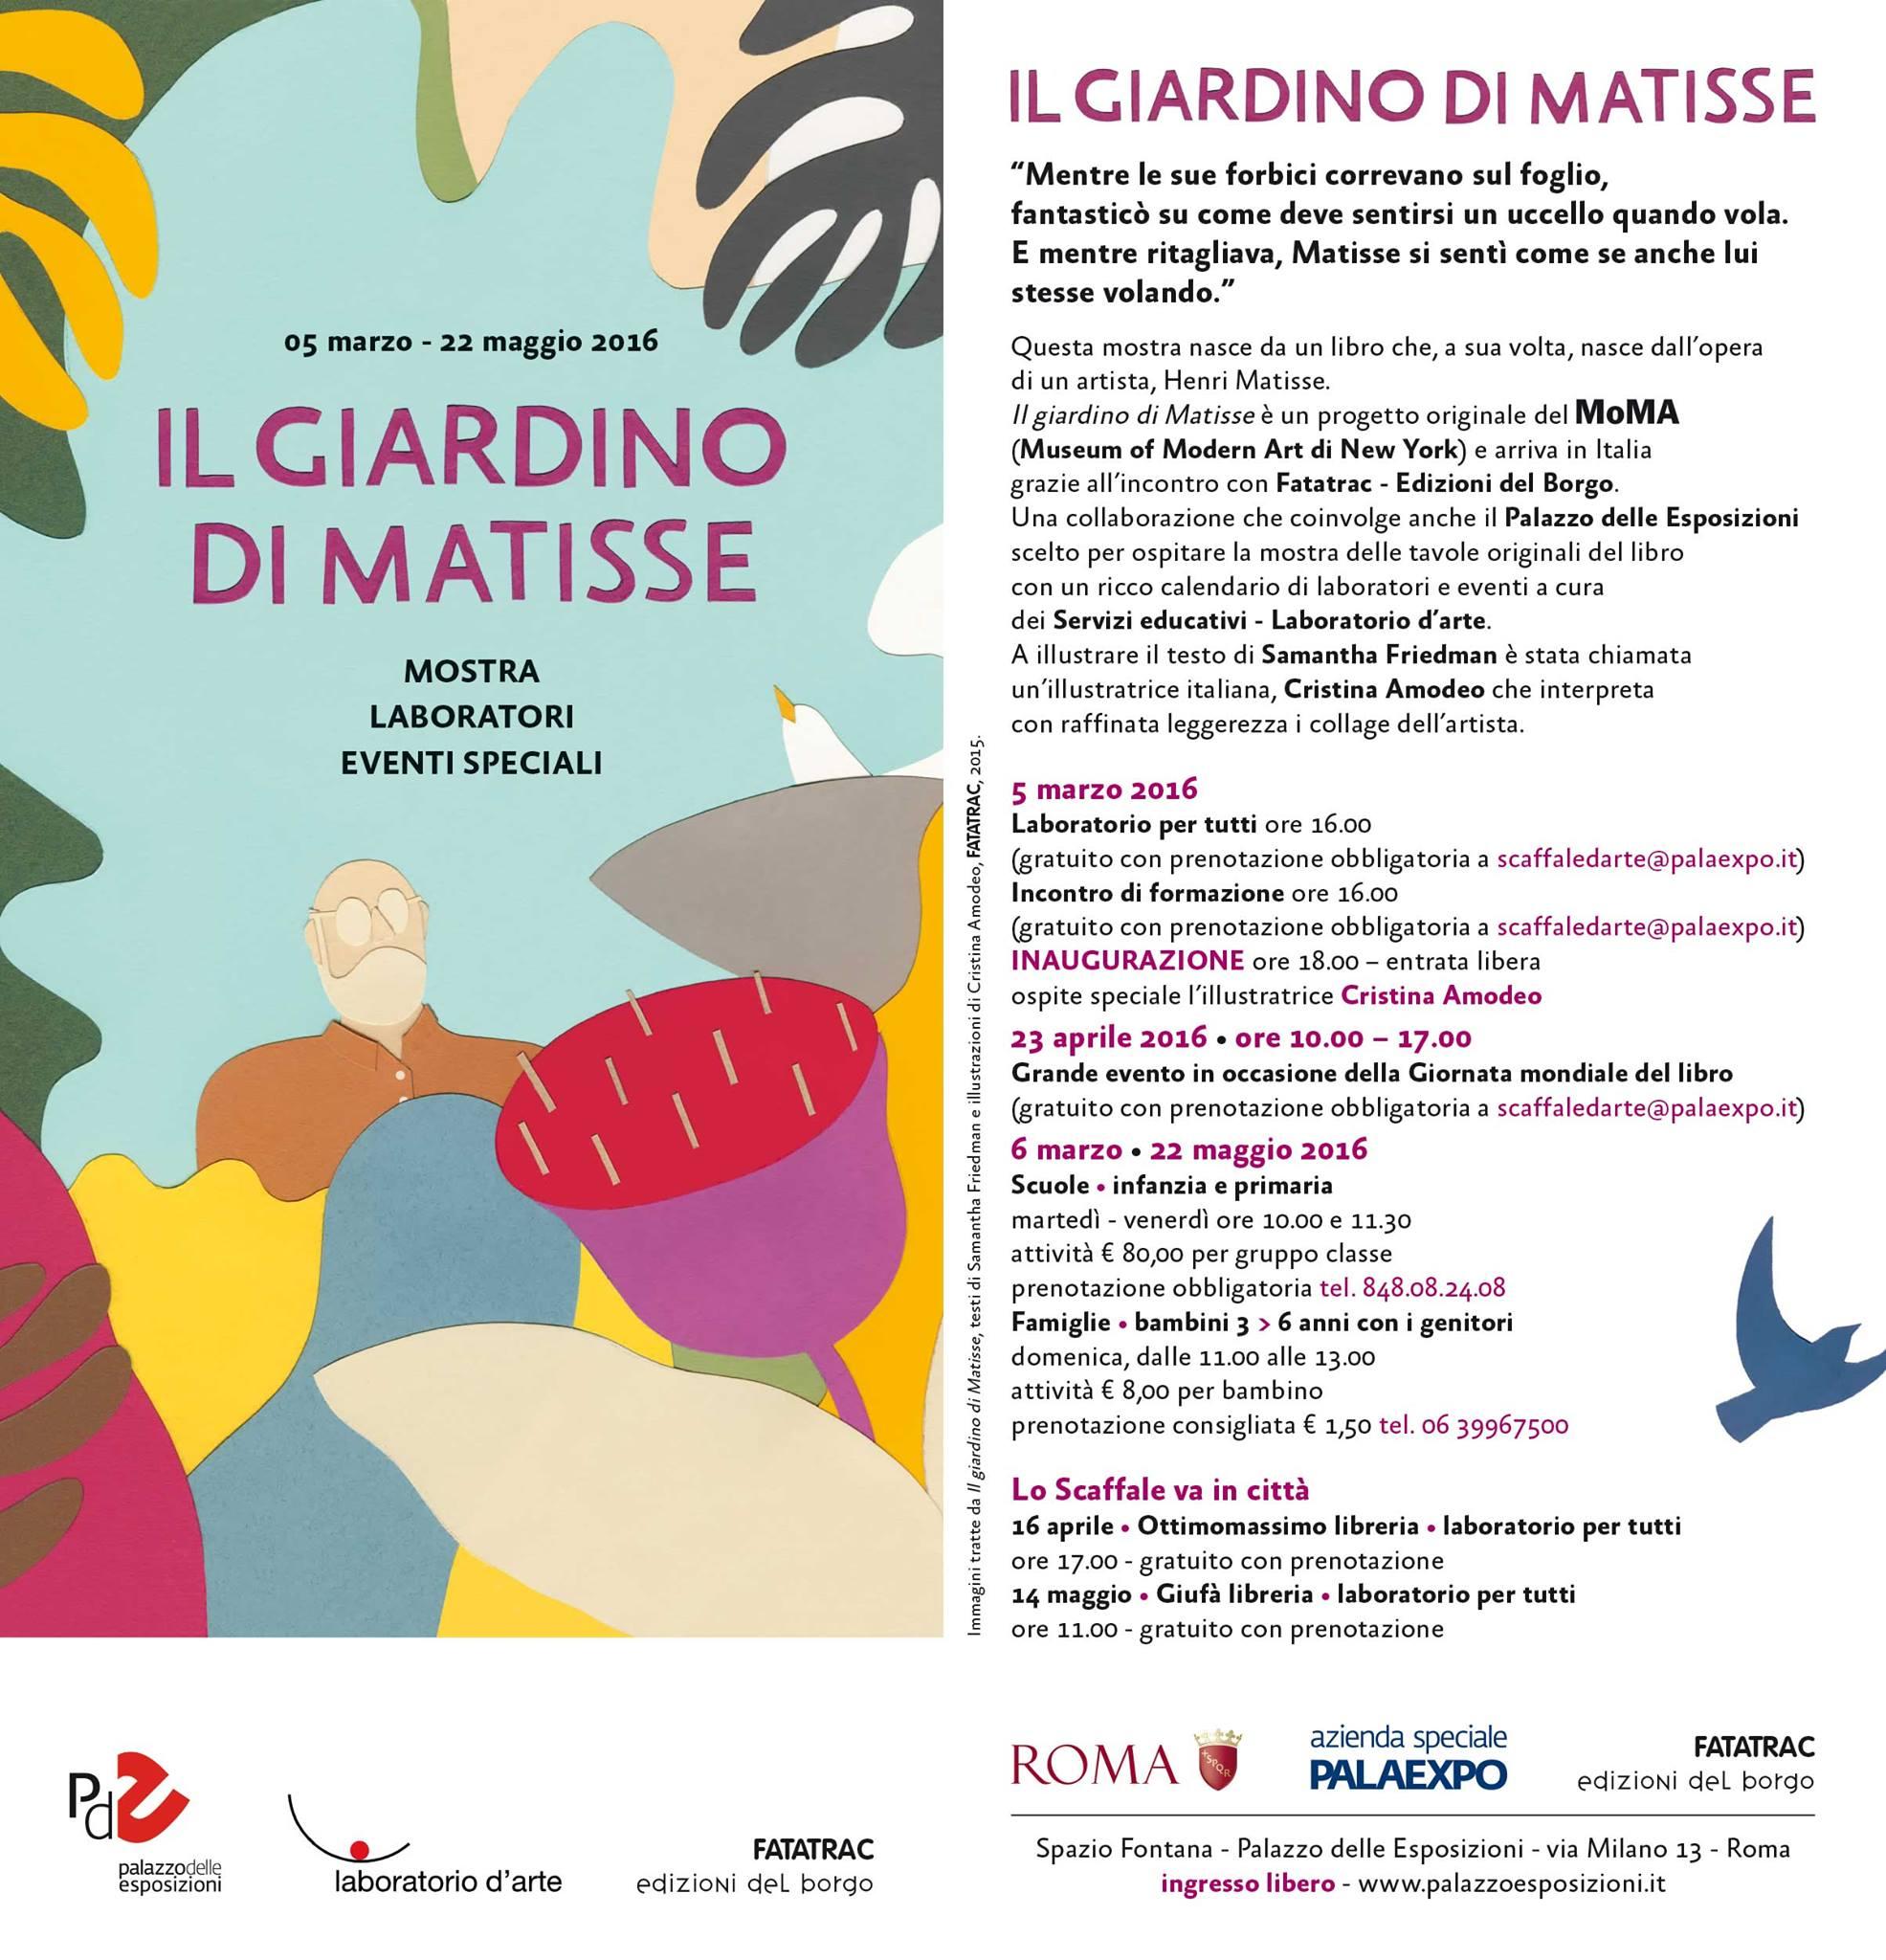 il_giardino_di_matisse_1